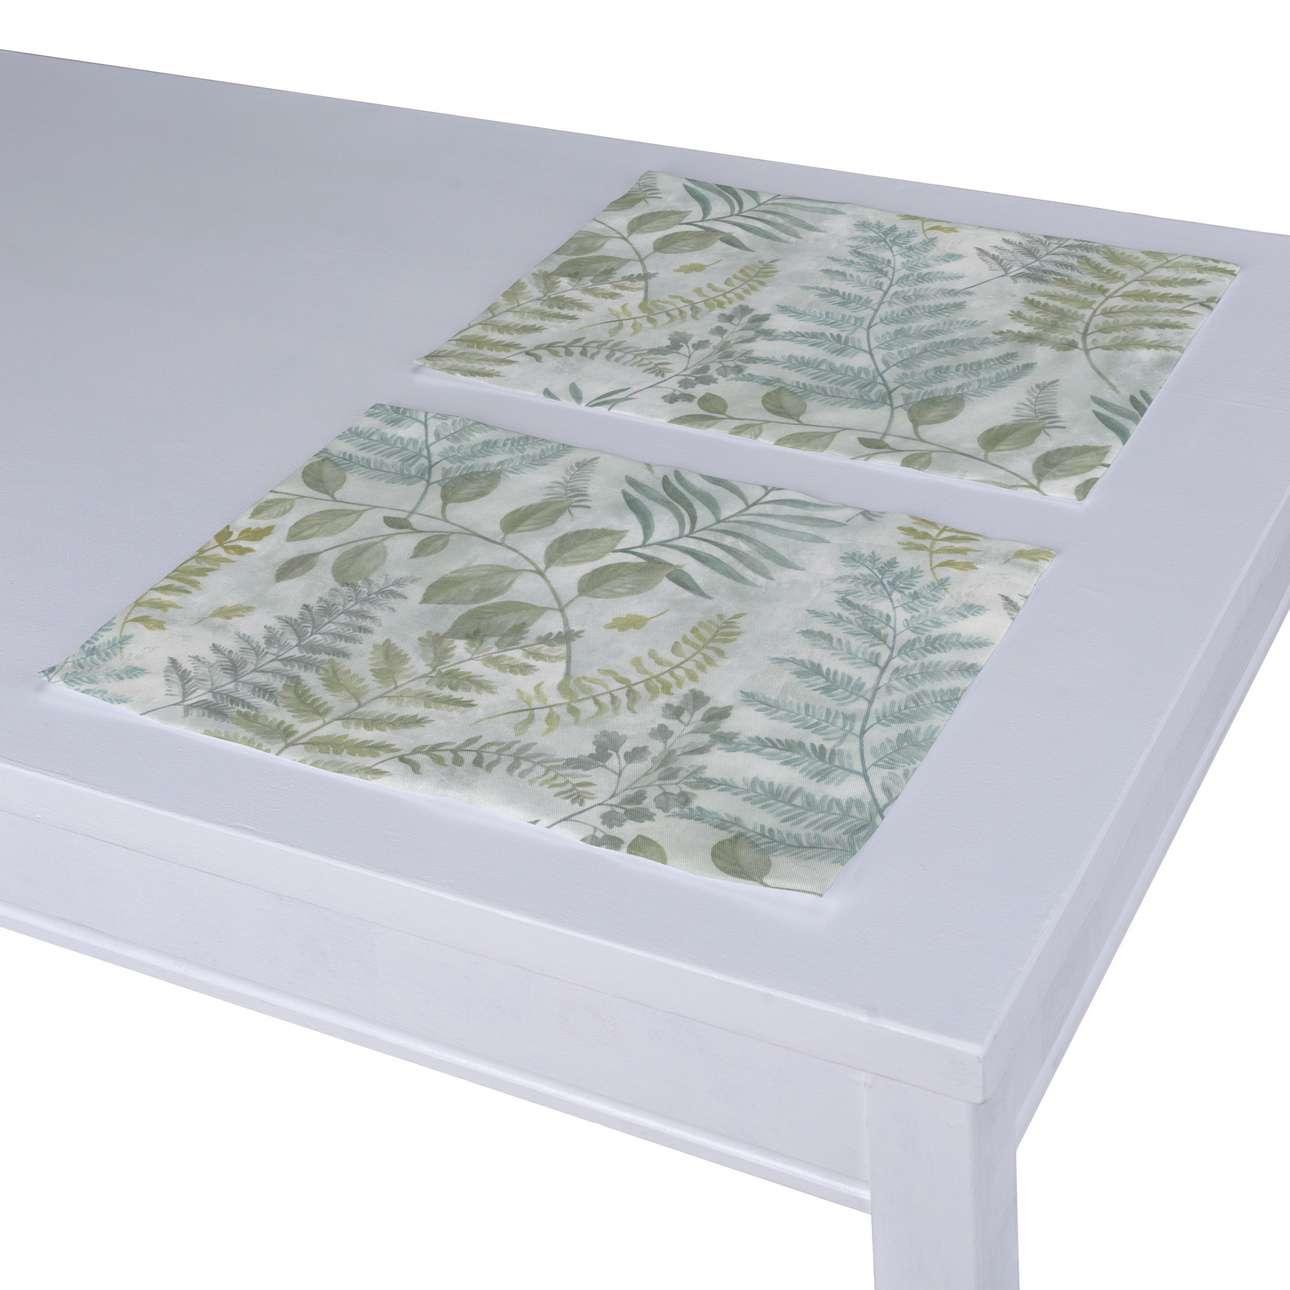 Podkładka 2 sztuki w kolekcji Pastel Forest, tkanina: 142-46